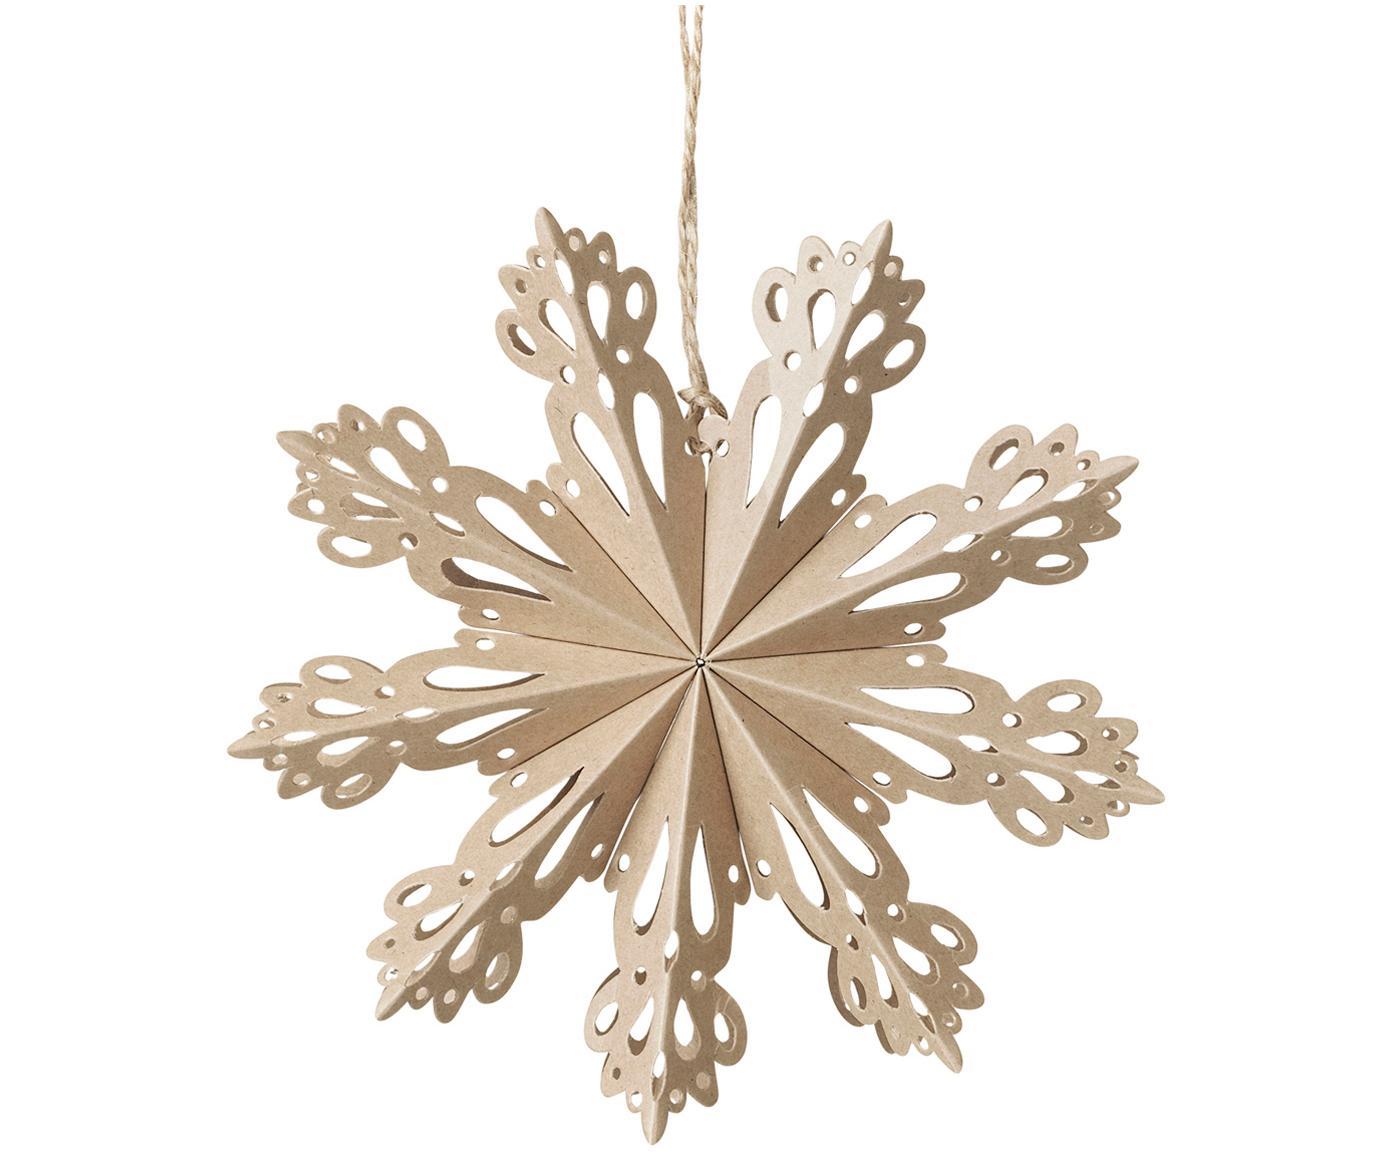 Baumanhänger Snowflake, 2 Stück, Papier, Beige, Ø 15 cm